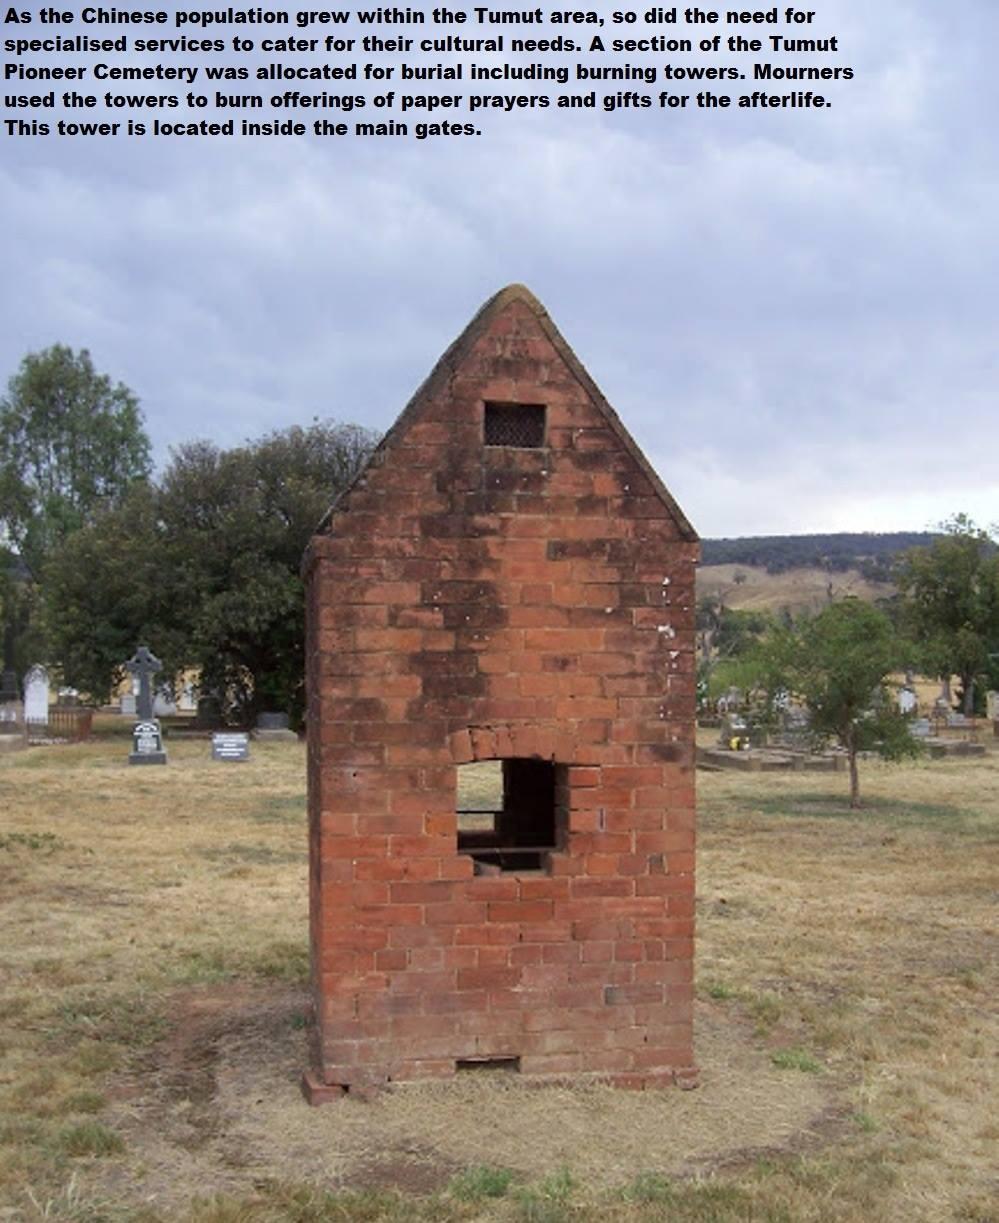 Tumut Pioneer Cemetery